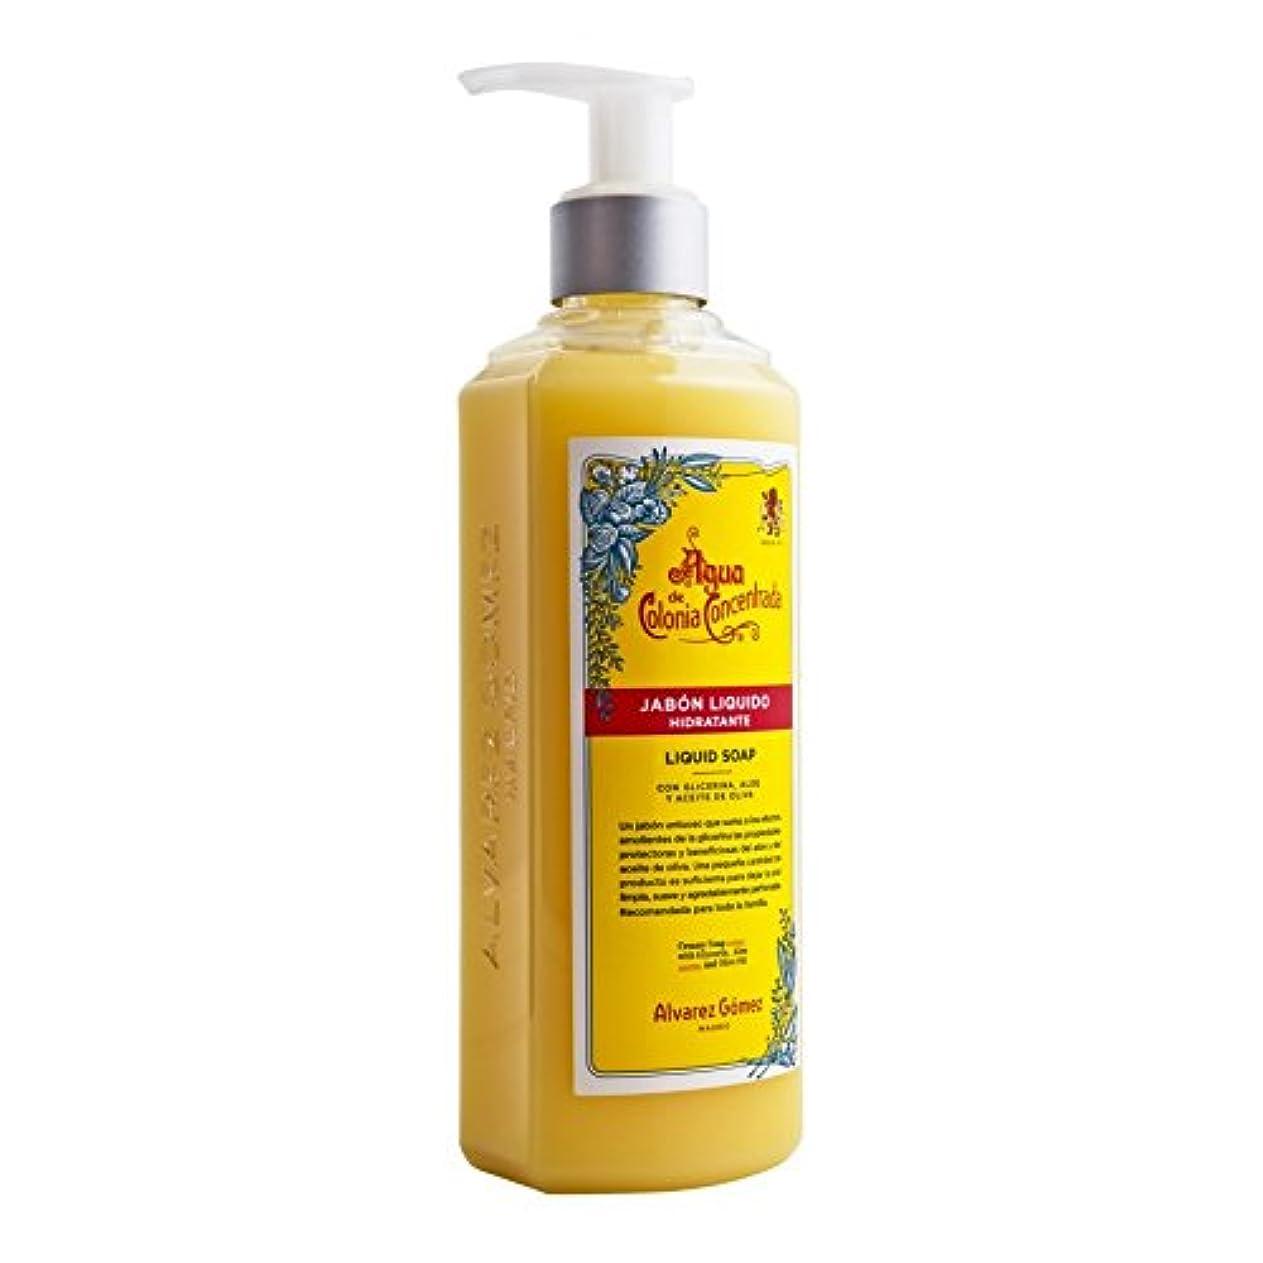 傷つきやすいバンジージャンプ農場?lvarez G?mez Agua de Colonia Concentrada Liquid Soap 300ml - アルバレスゴメスアグアデコロニ液体石鹸300ミリリットル [並行輸入品]